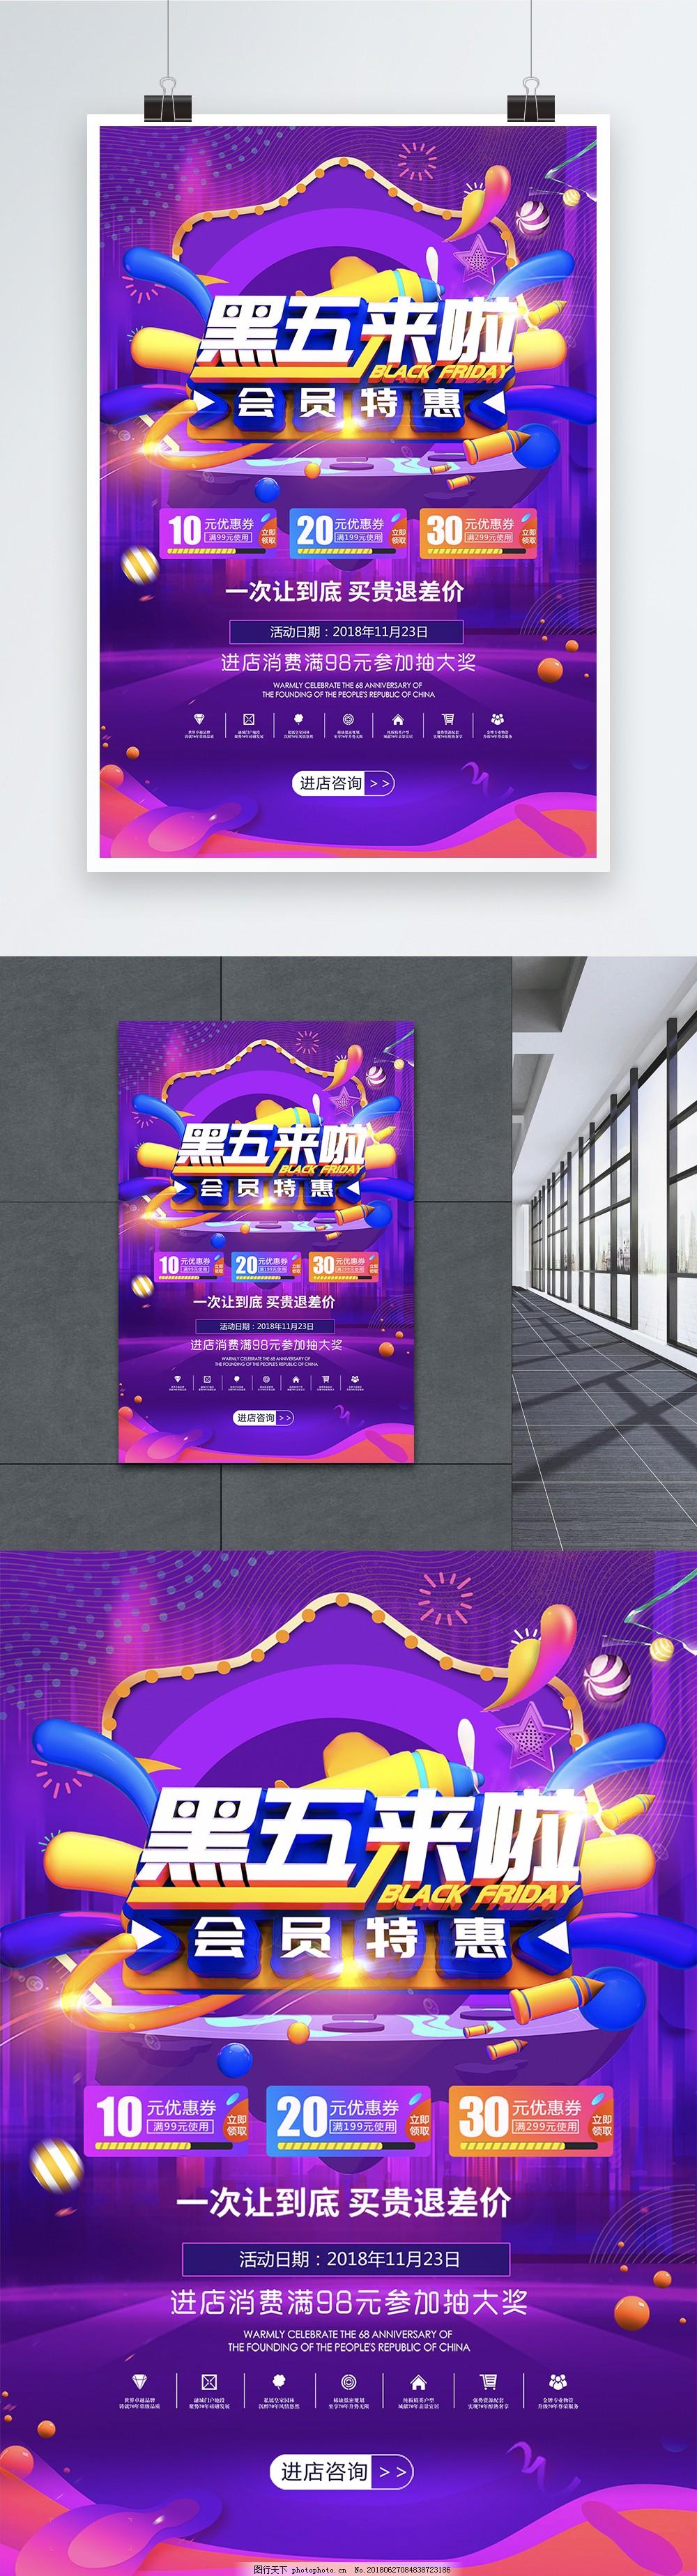 炫彩电商黑色星期五超级会员日冬季促销海报